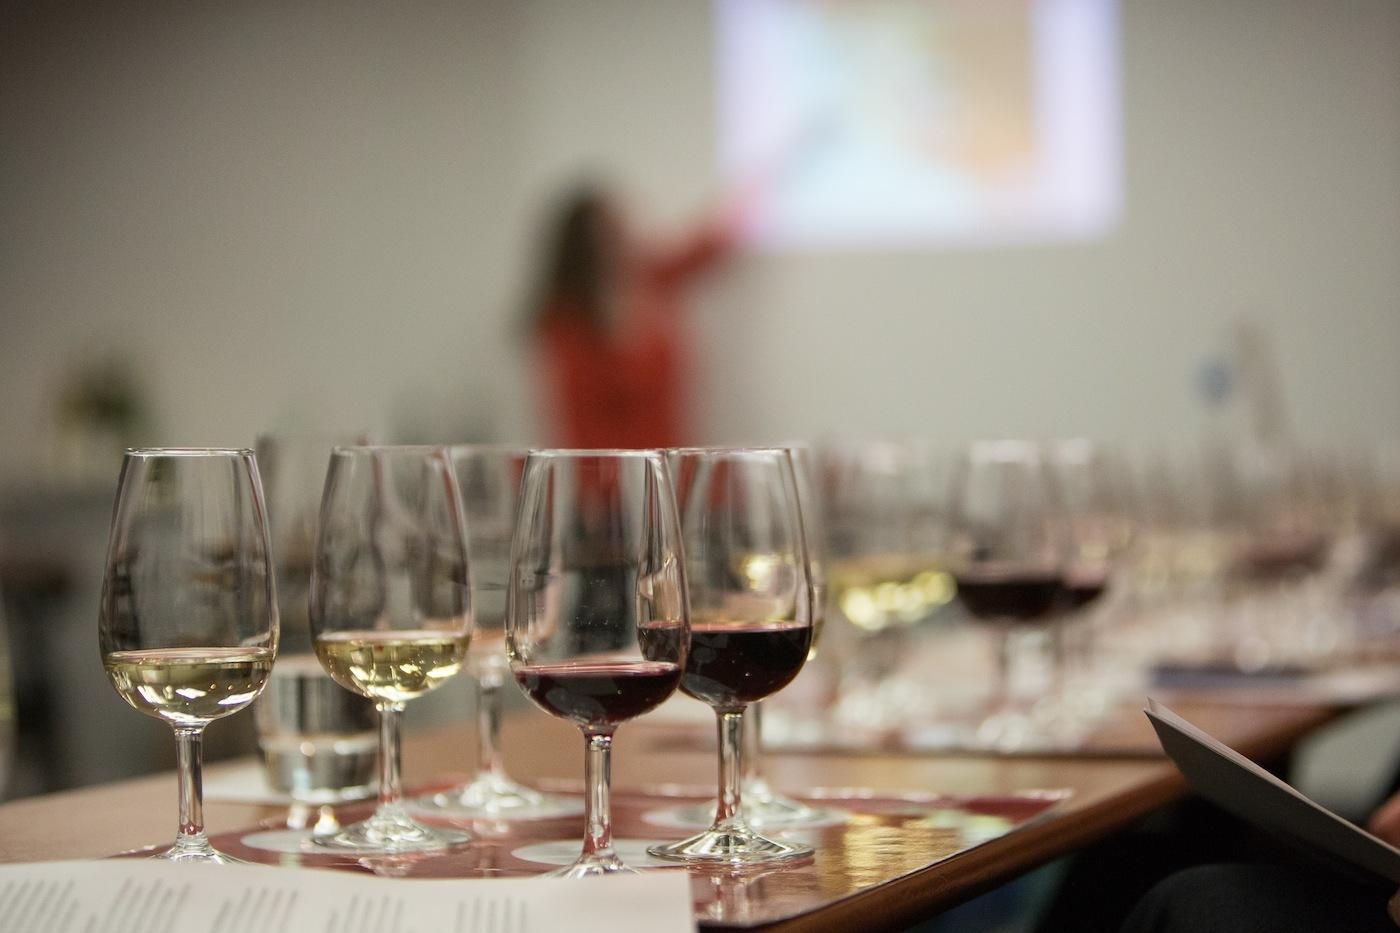 170330_Leeds_Indie_Food_Wine.jpg#asset:396991